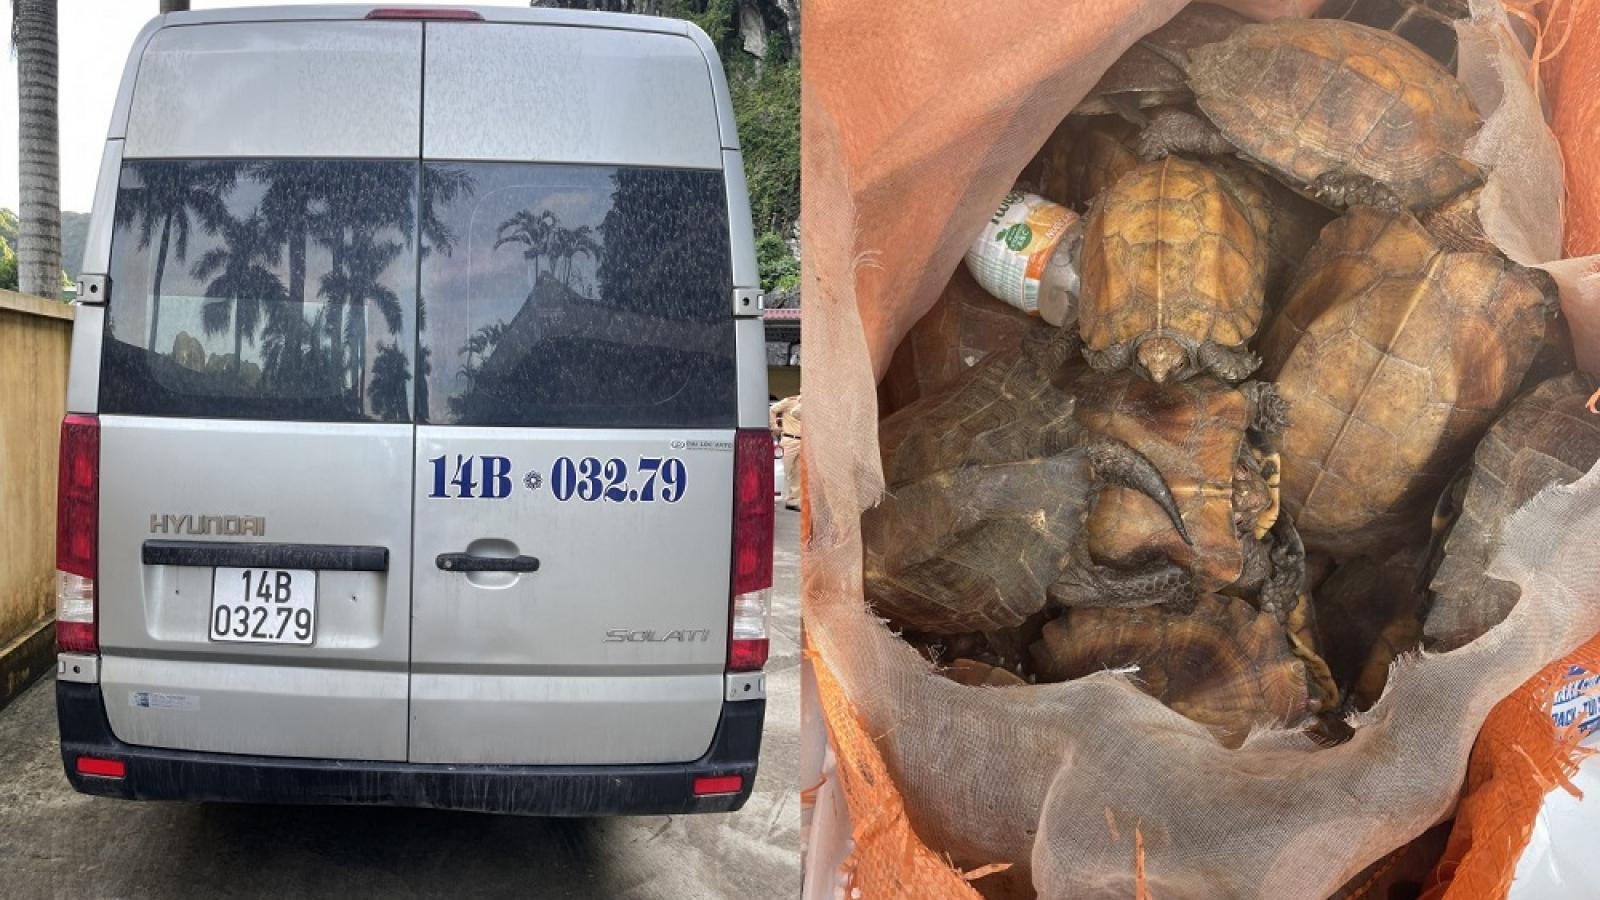 Quảng Ninh: Xe khách vận chuyển trái phép 34 con rùa quý hiếm